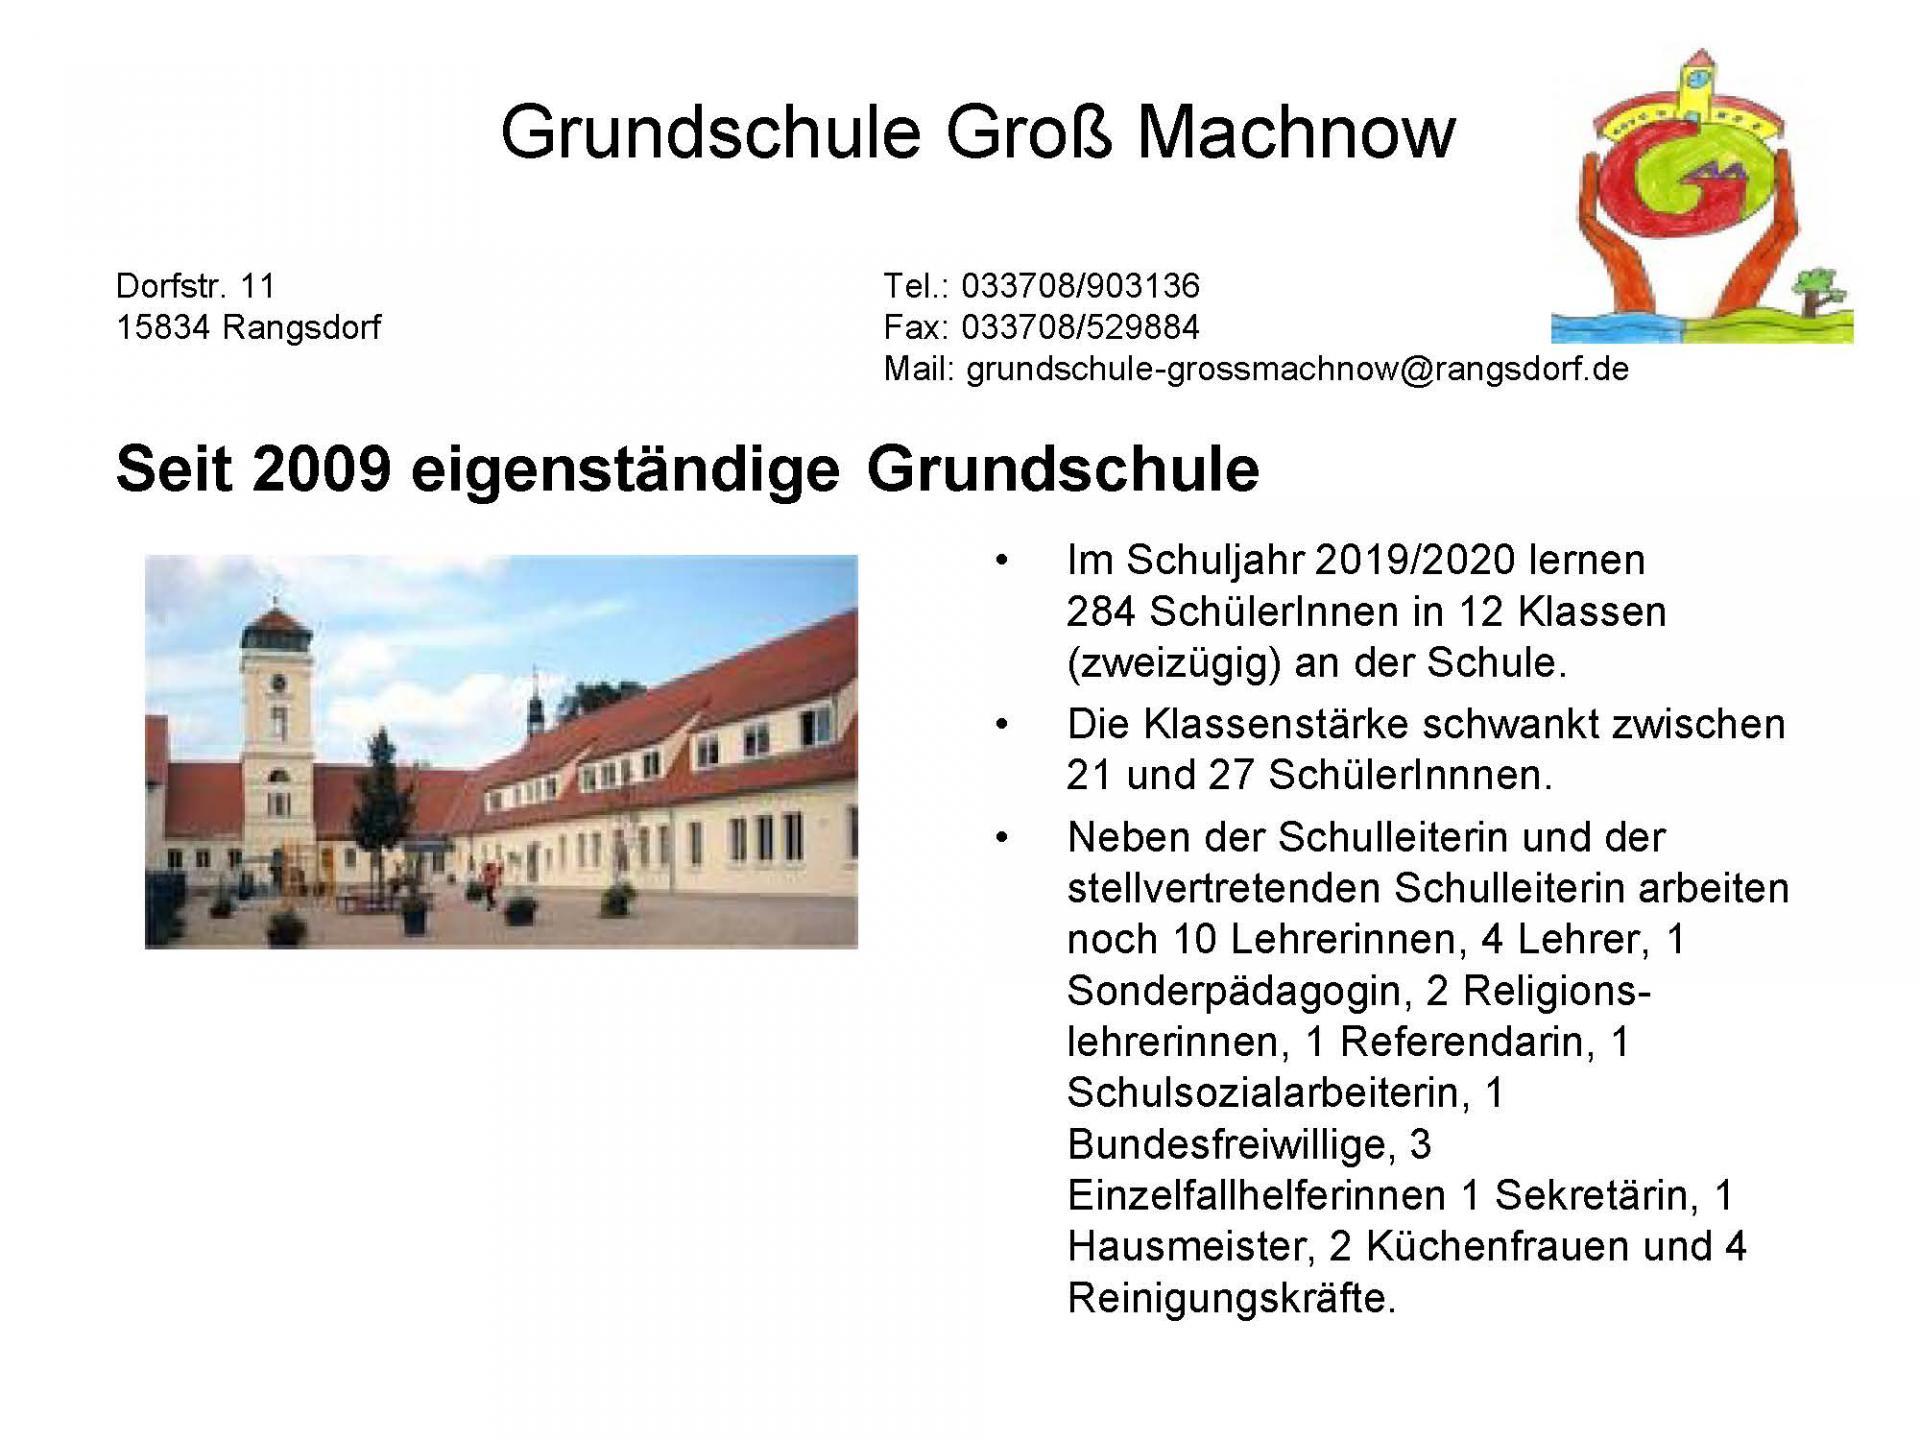 © Foto: Grundschule Groß Machnow - Schulprogramm - Seite 1